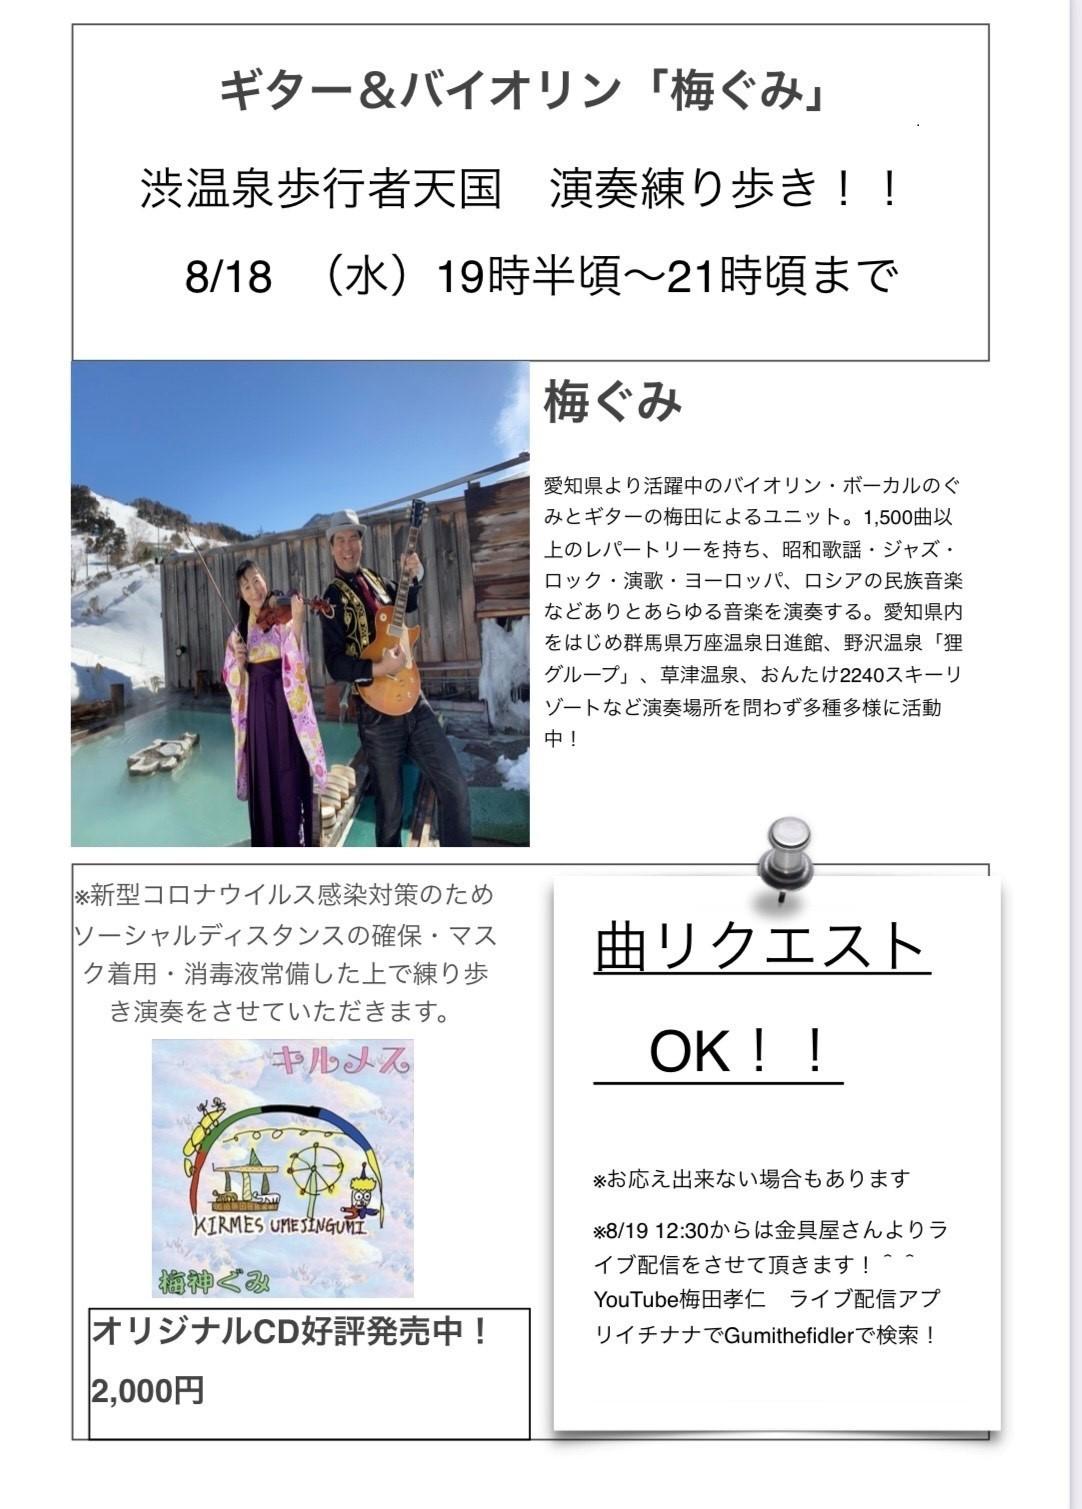 渋温泉夏祭り歩行者天国 8/18(水)一夜限りのプチイベント_f0085982_20395708.jpg